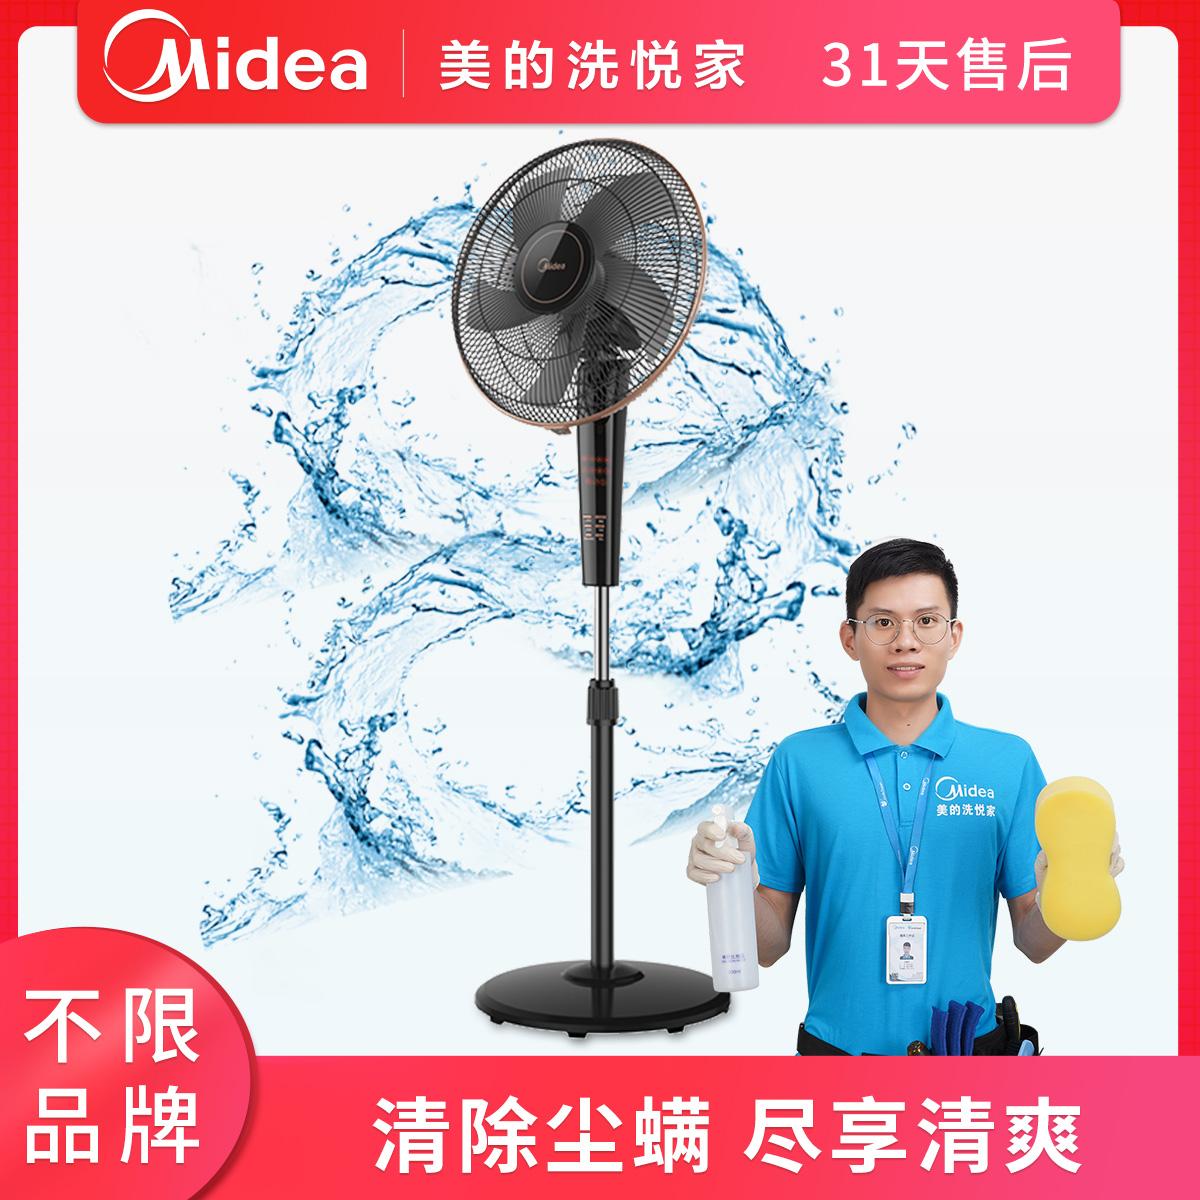 Midea/美的 电风扇清洗上门服务清洗服务 说明书.pdf